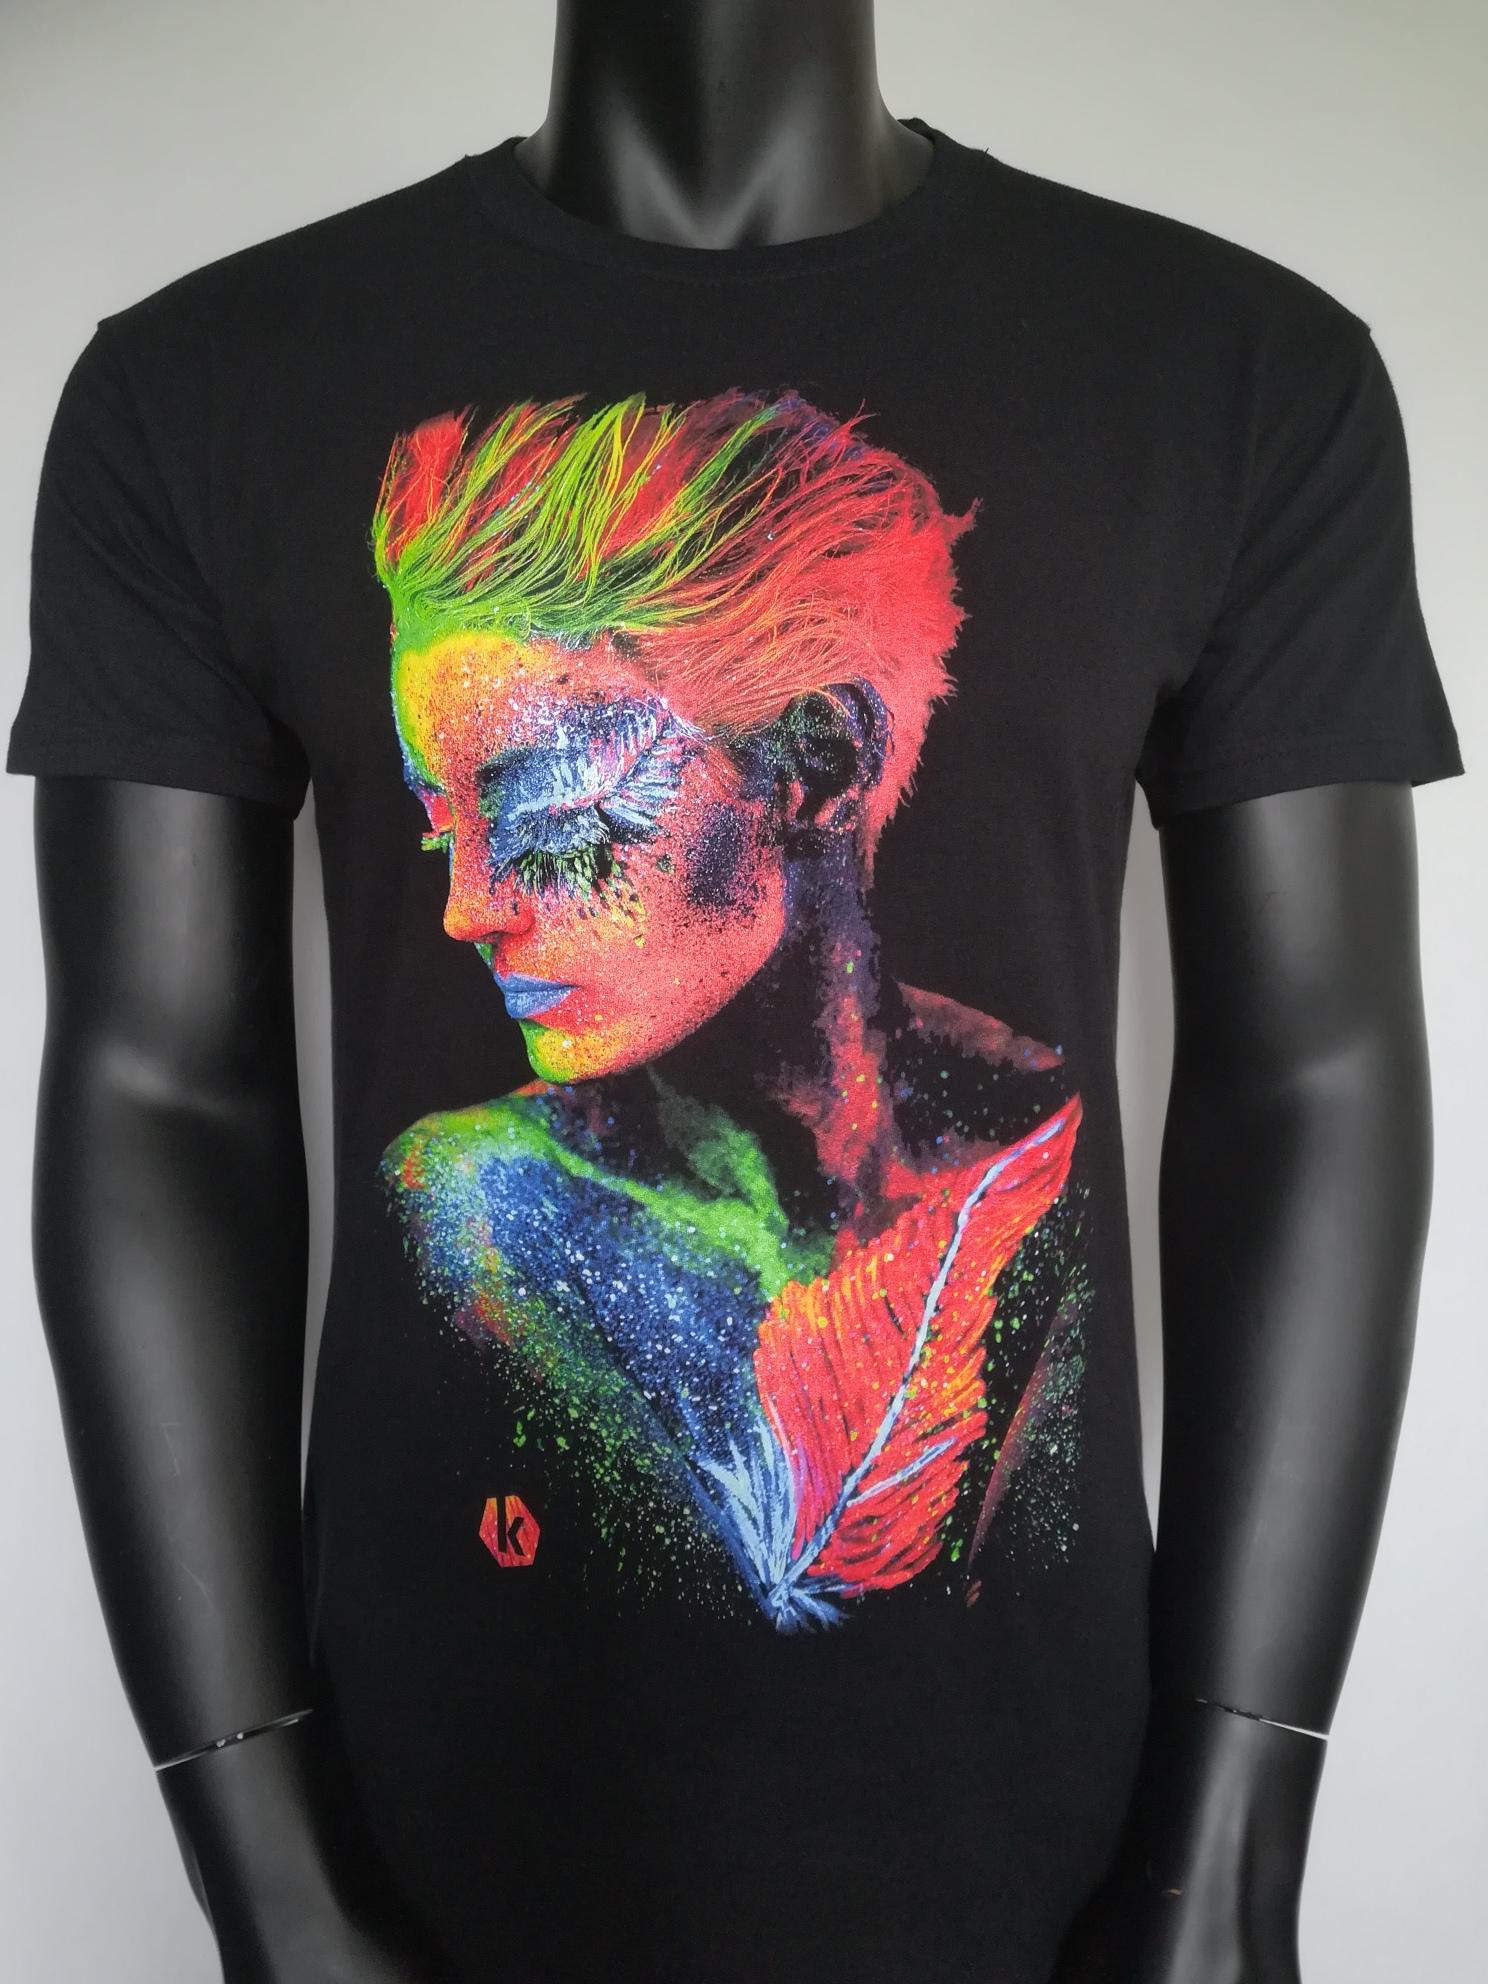 T-shirt coton noir avec impression digitale en hexachromie.